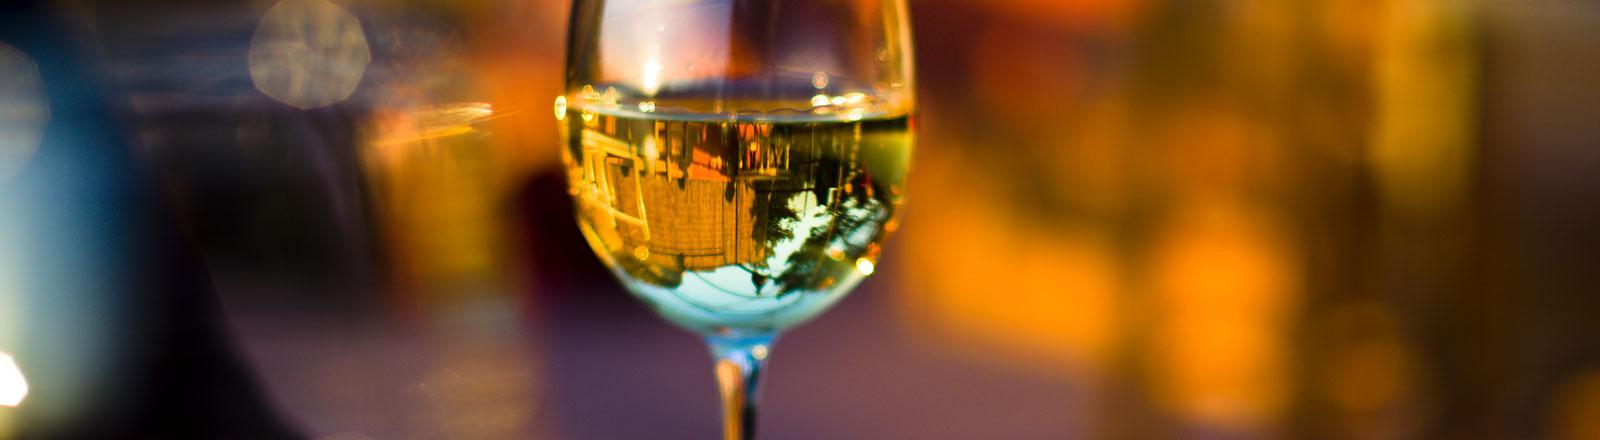 Ein Weinglas gefüllt mit Weißwein.